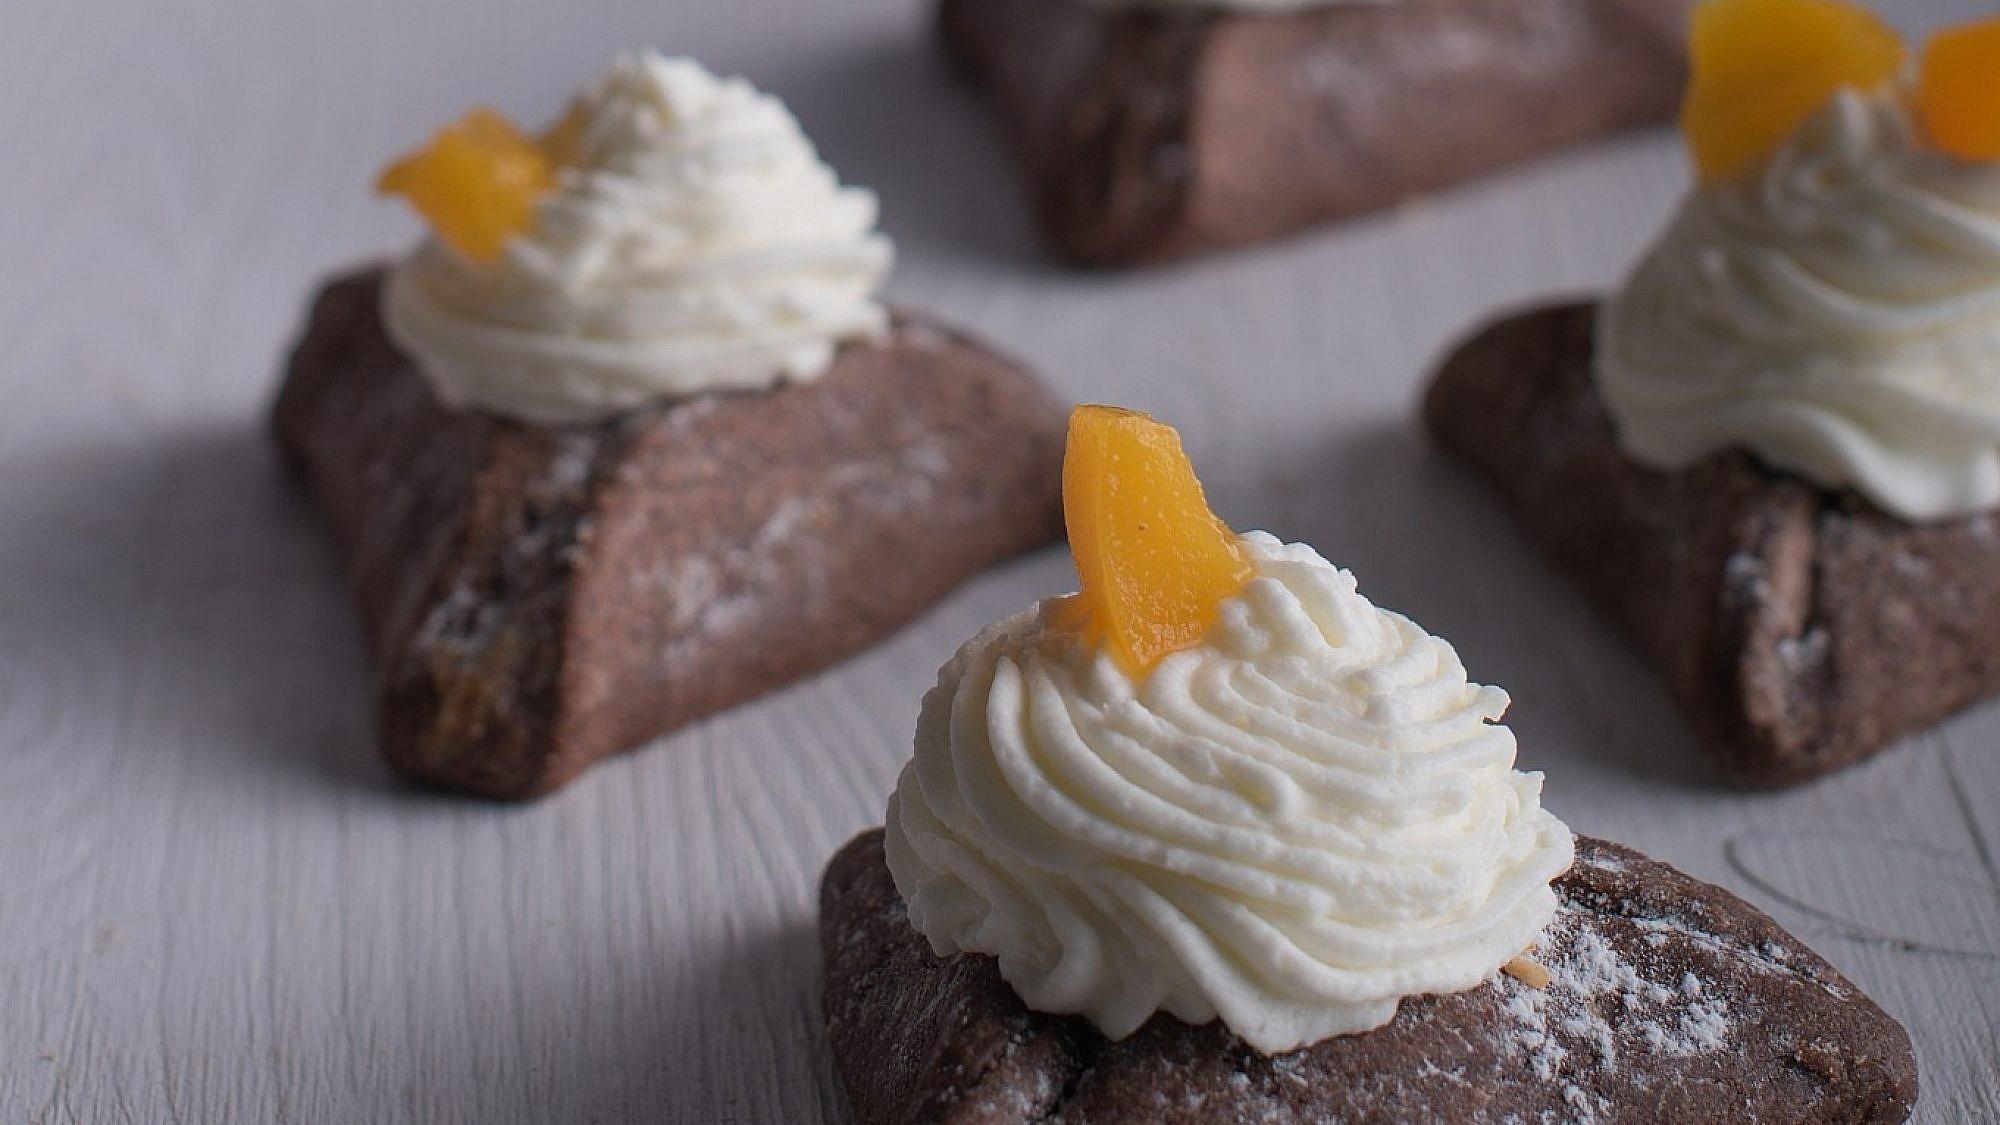 מילוי קציפת שוקולד לבן של שף יניב עדן. צילום: נמרוד סונדרס